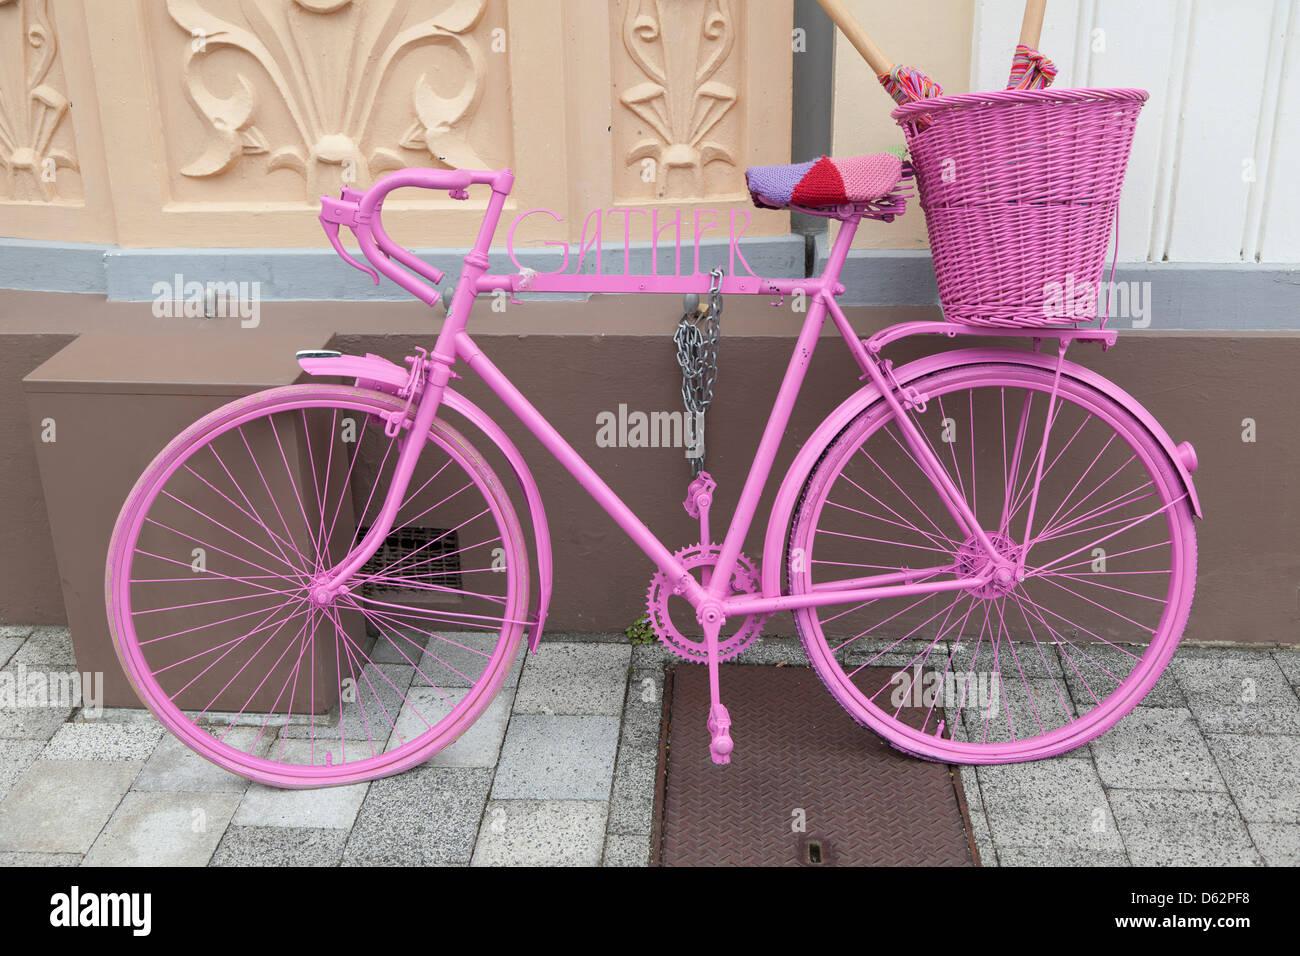 Bicicleta de color rosa como un anuncio en Napier, Nueva Zelanda Imagen De Stock